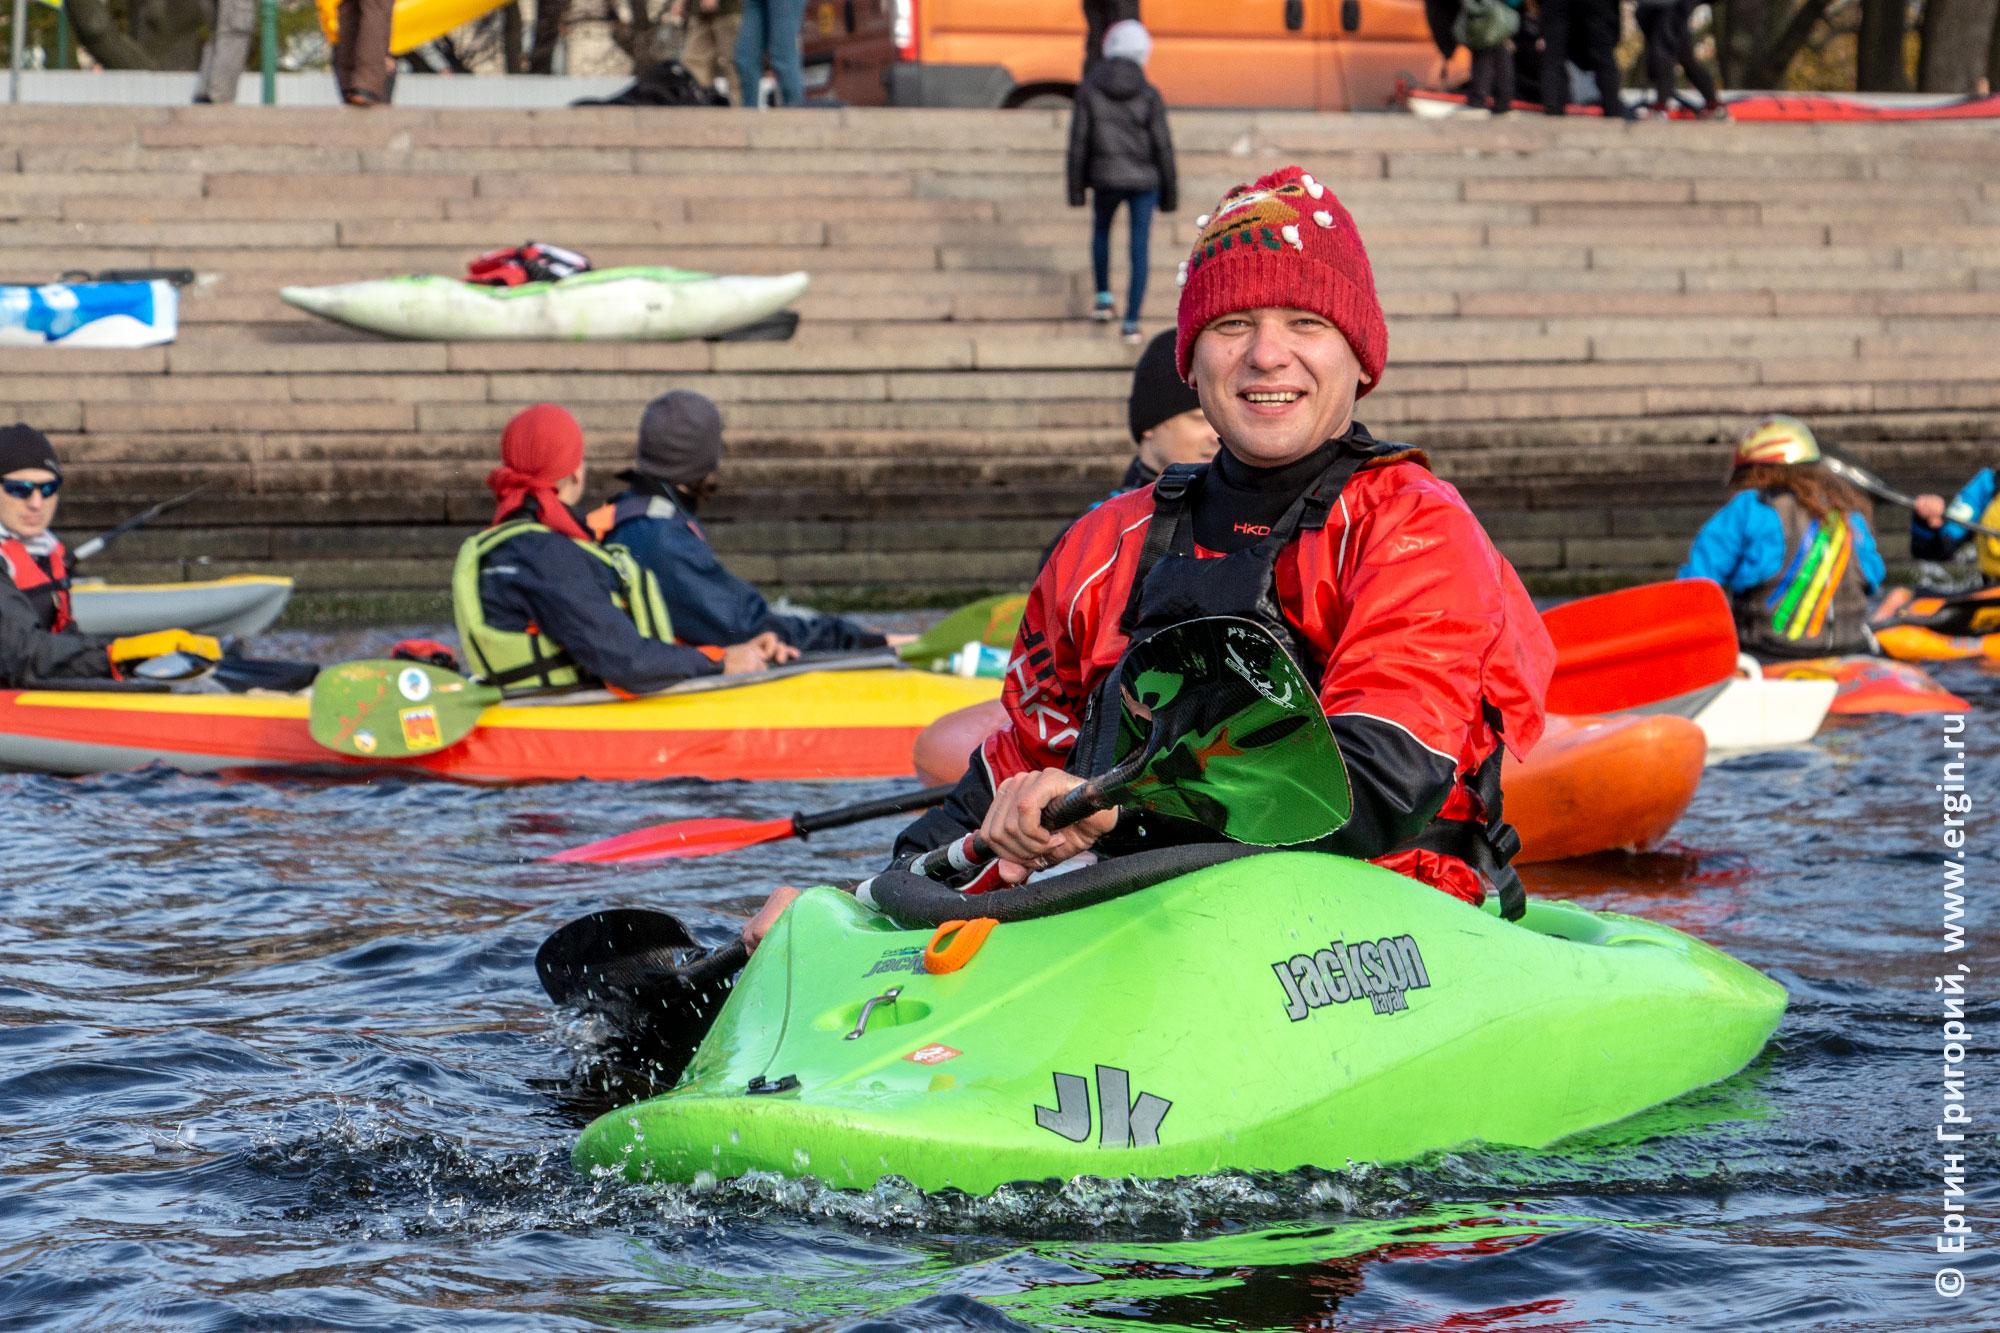 В водной прогулке на каяках по Санкт-Петербургу участвует каякер из Москвы